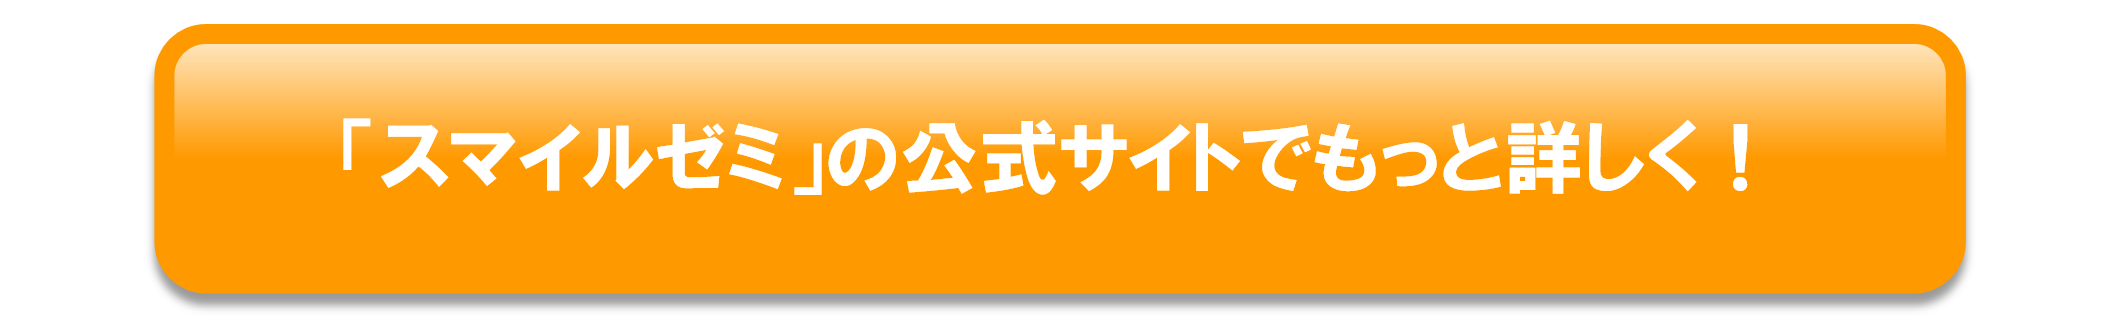 スマイルゼミ公式へのボタン